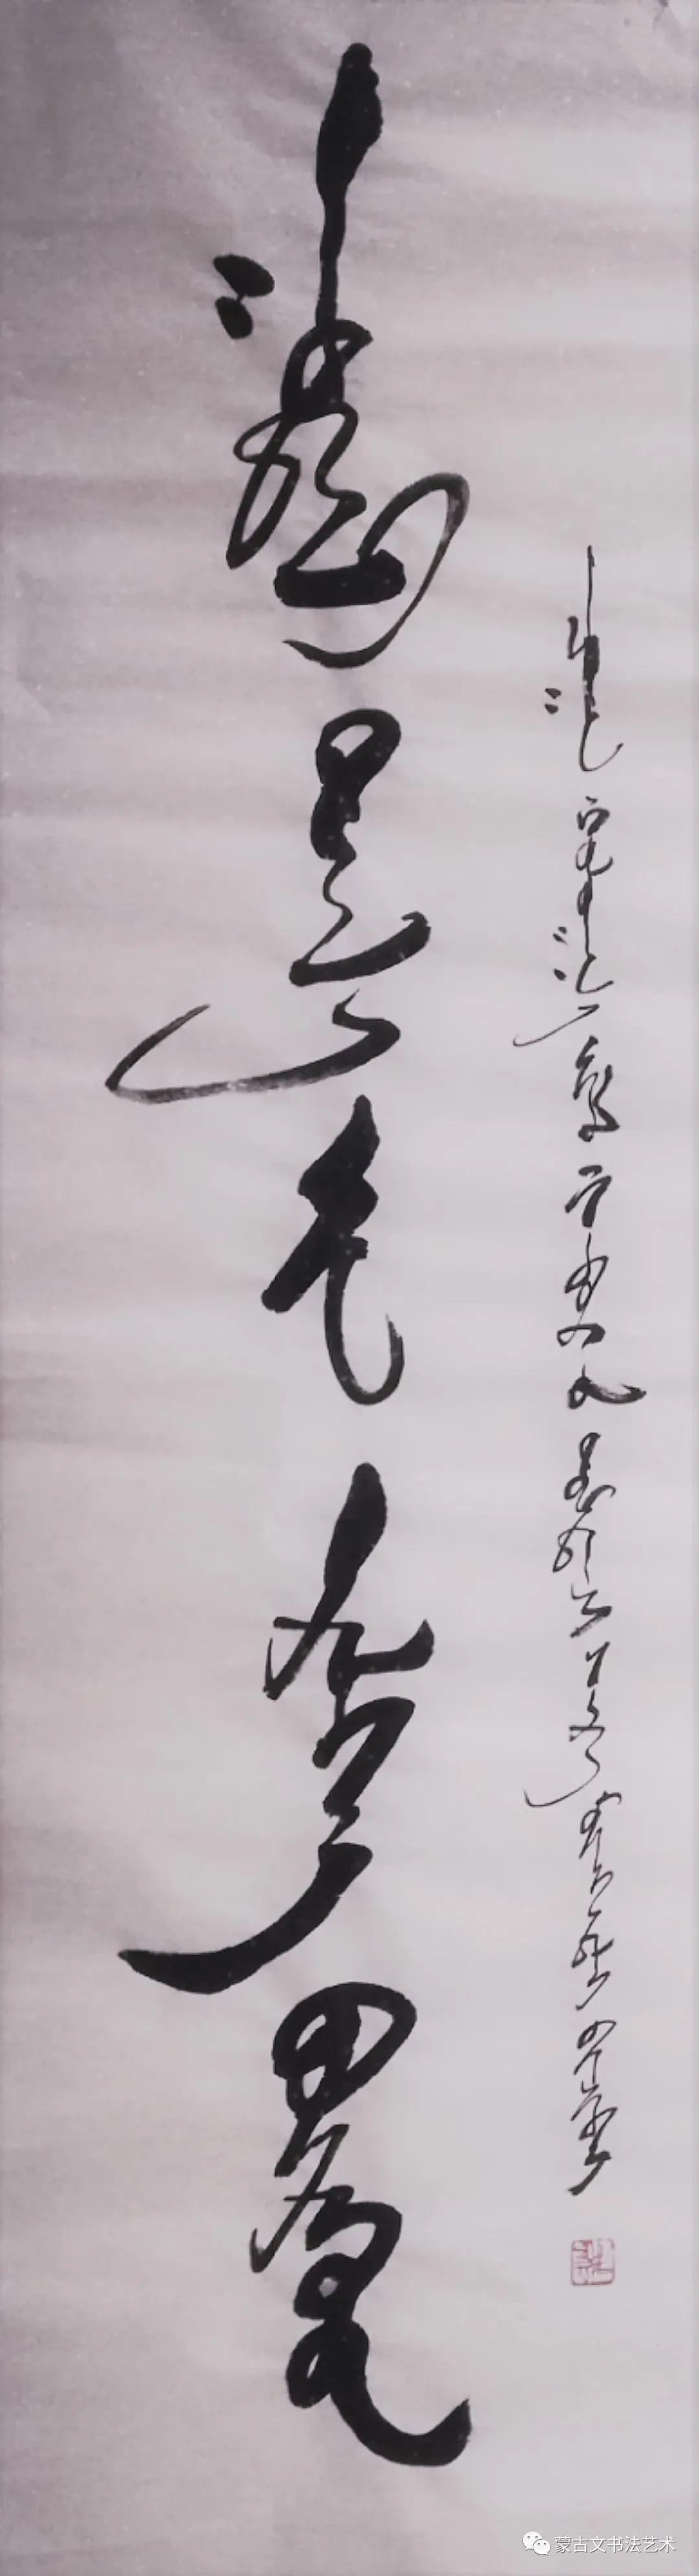 孟和达来蒙古文书法 第12张